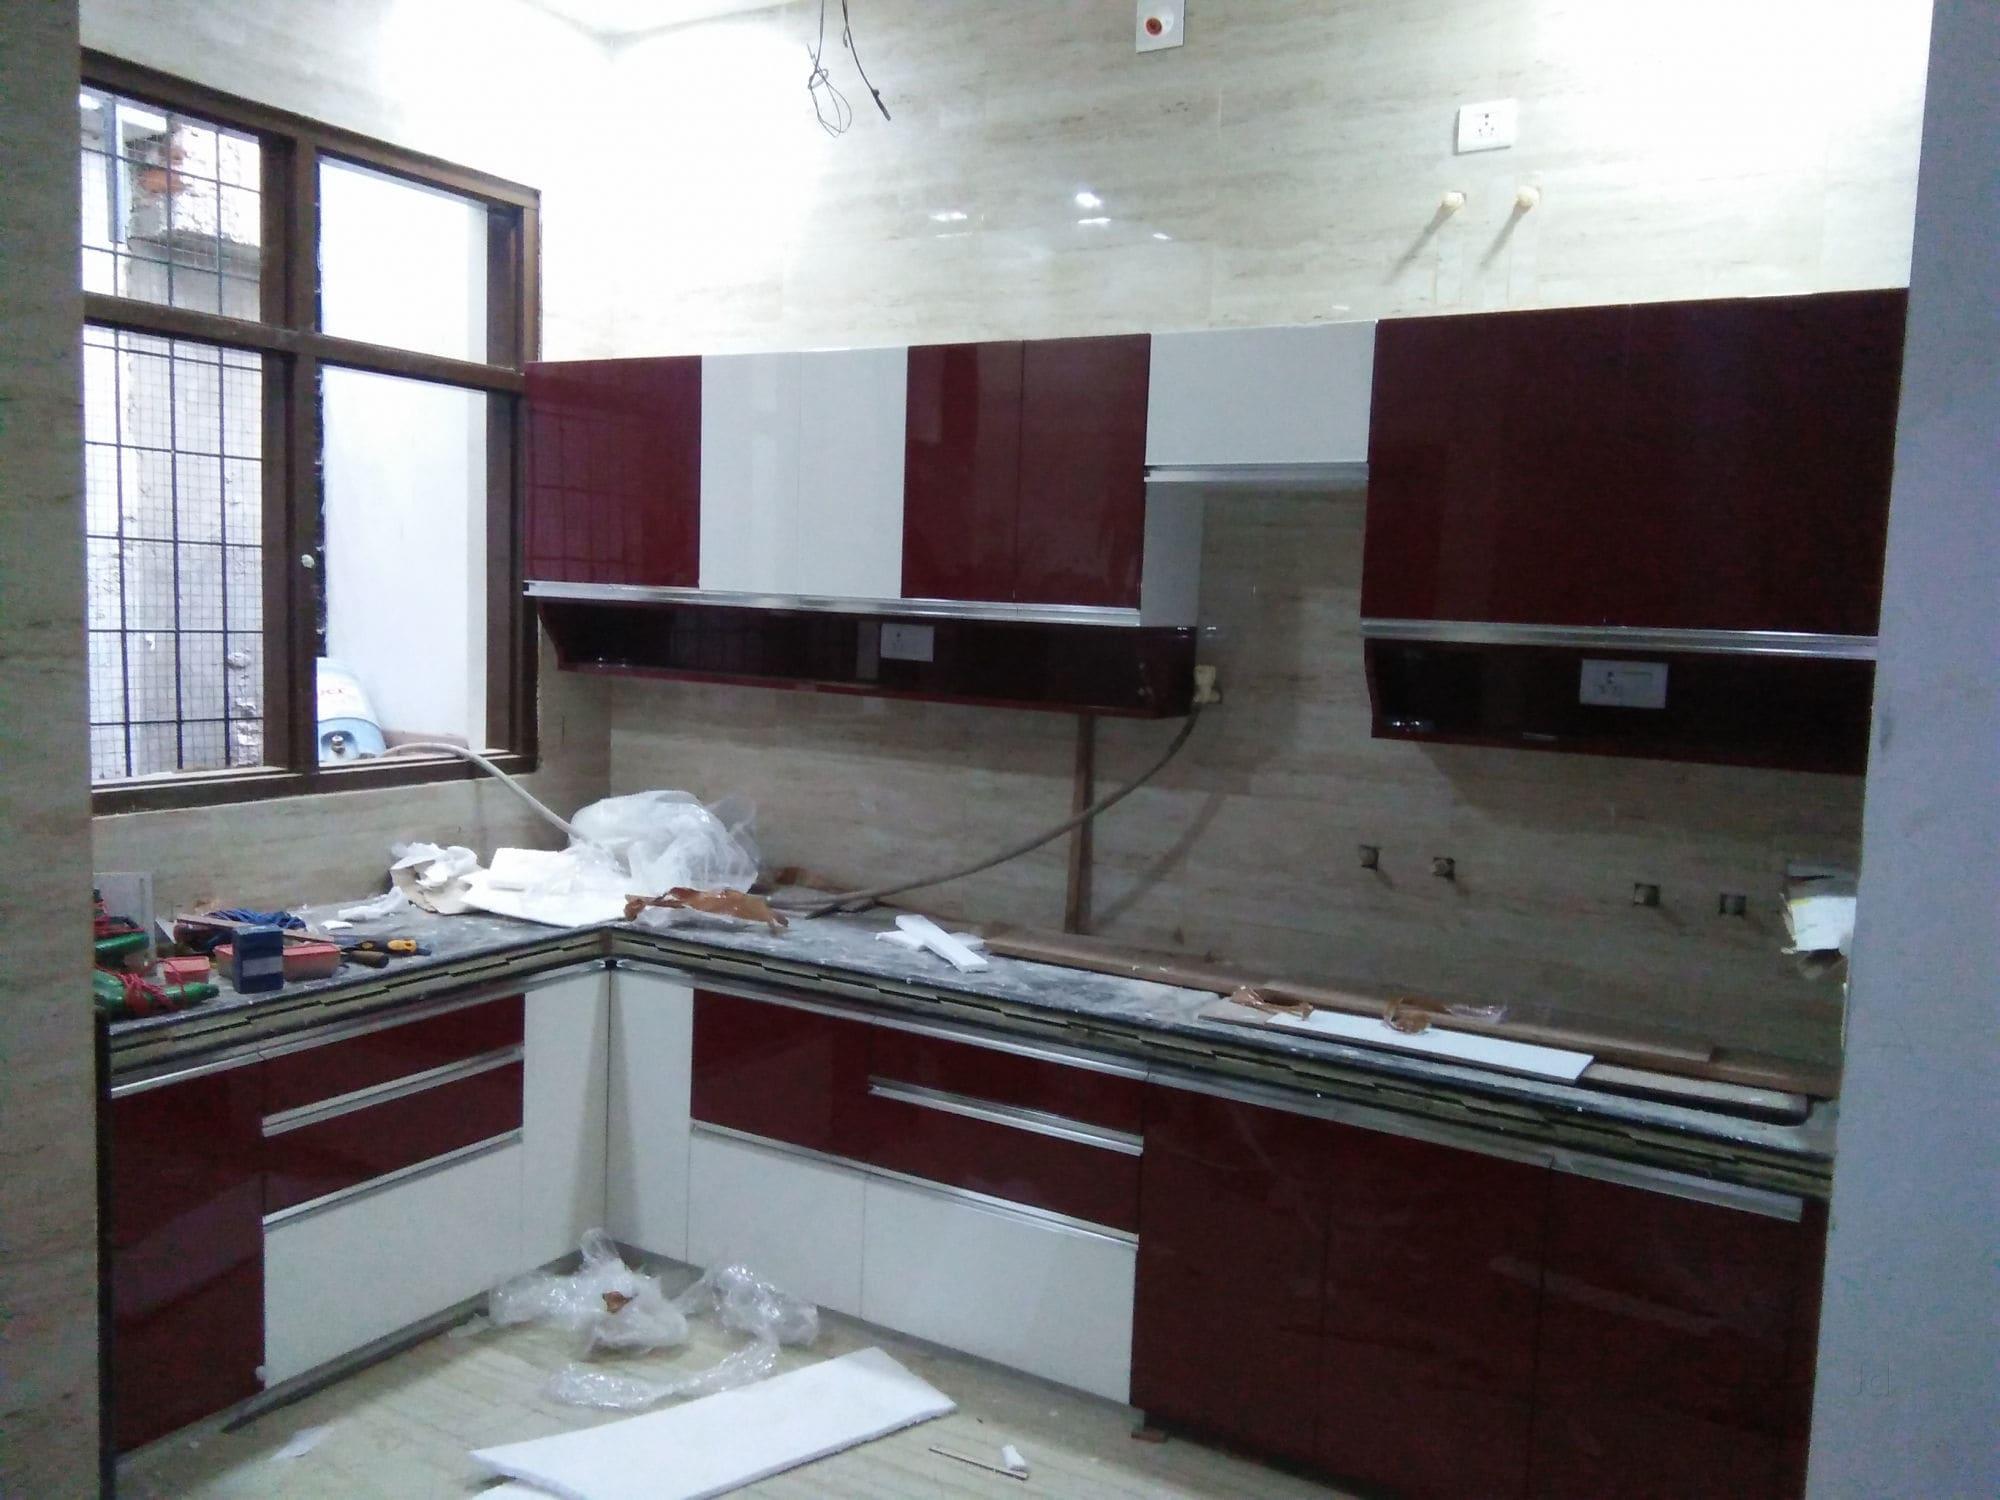 Top 100 Hafele Modular Kitchen Distributors in Udaipur-Rajasthan ...